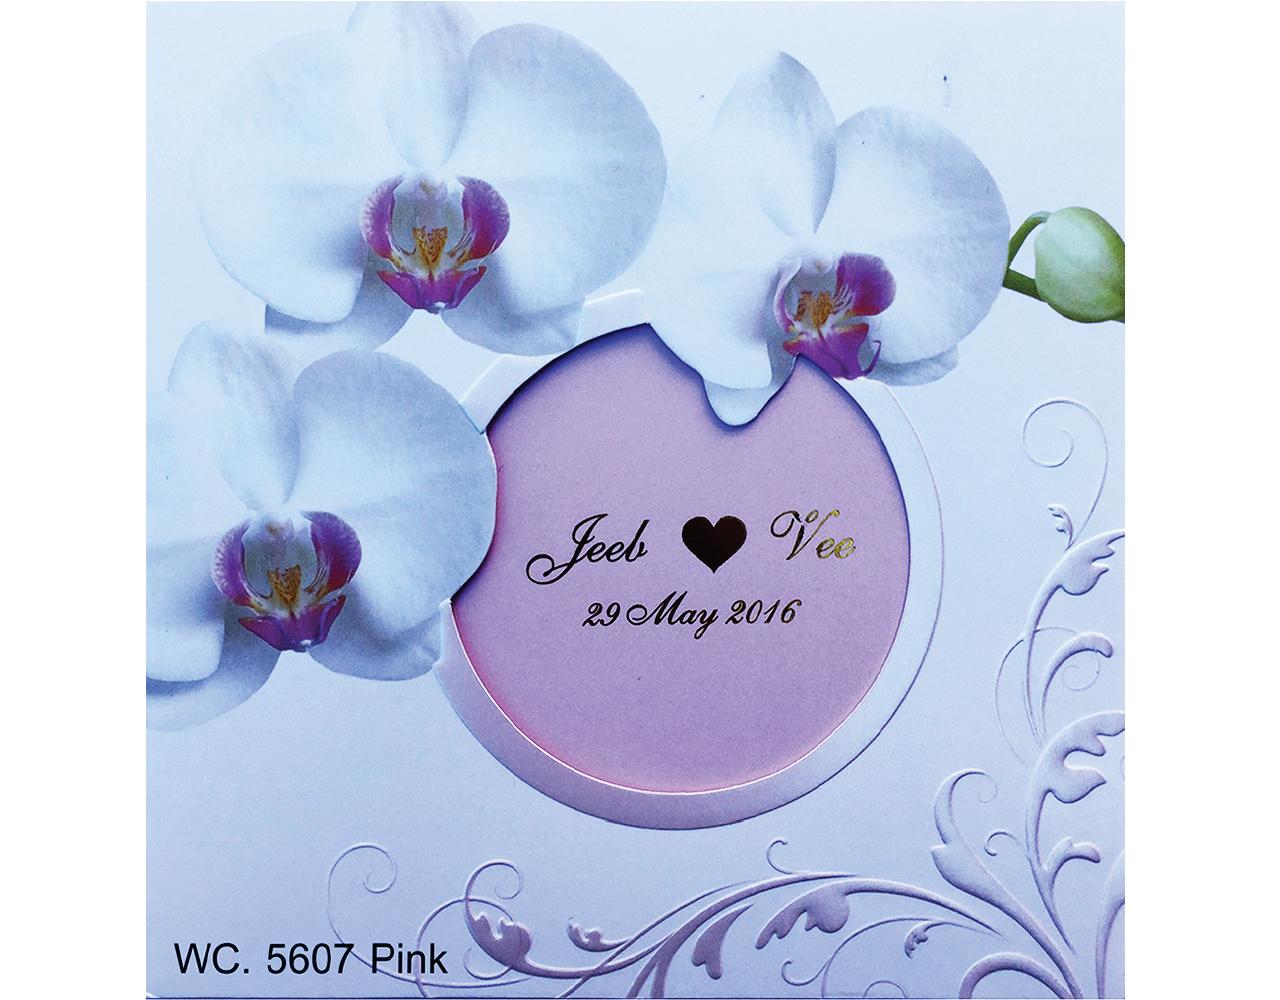 การ์ดแต่งงาน การ์ดเชิญ สีชมพู ลวดลายดอกไม้ wedding card 14.8 x 14.8 WC 5607 Pink ฿ 8.20